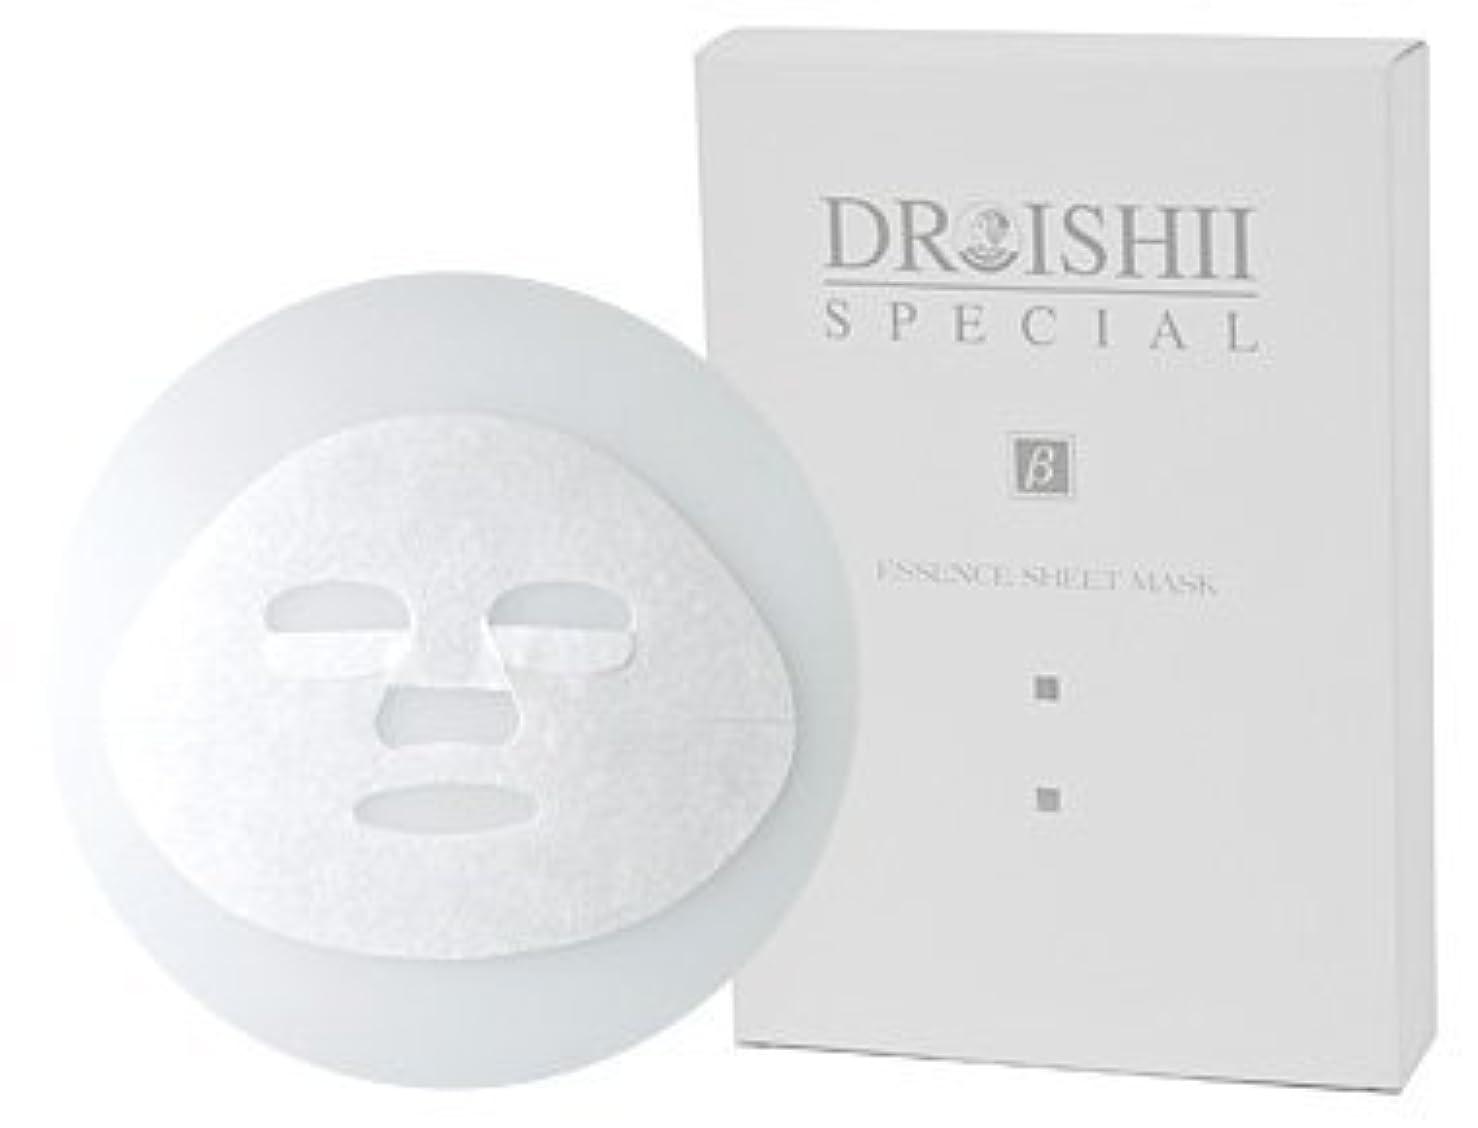 乳剤高い報酬のMD化粧品 DR ISHII スペシャルβ エッセンスシートマスク 6枚